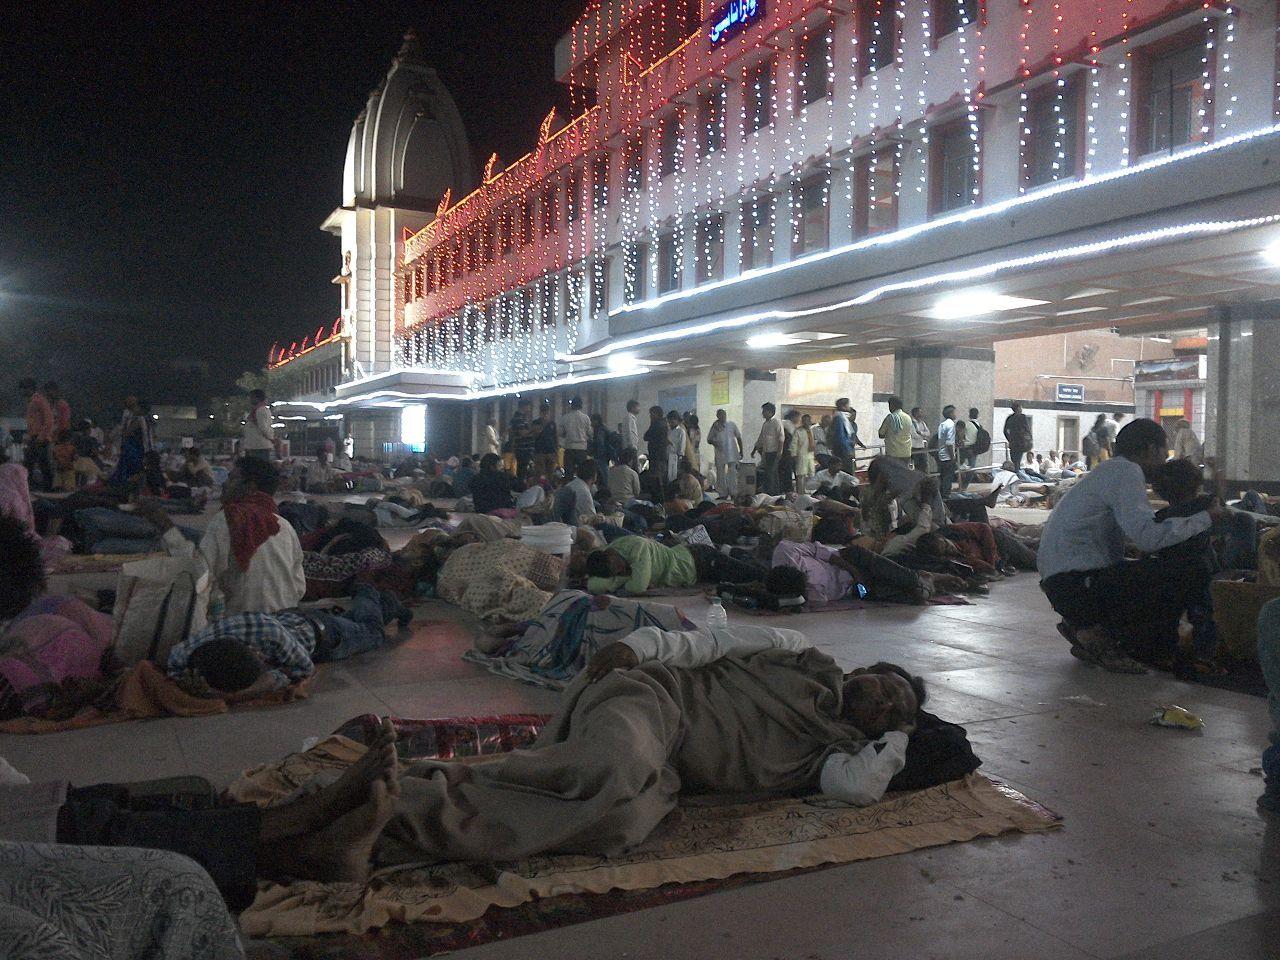 2929 - (株)ファーマフーズ インドで旅行しているけどさすがにインドの女抱こうとは思えれないな あそこ臭そう こいつらなんで駅で寝